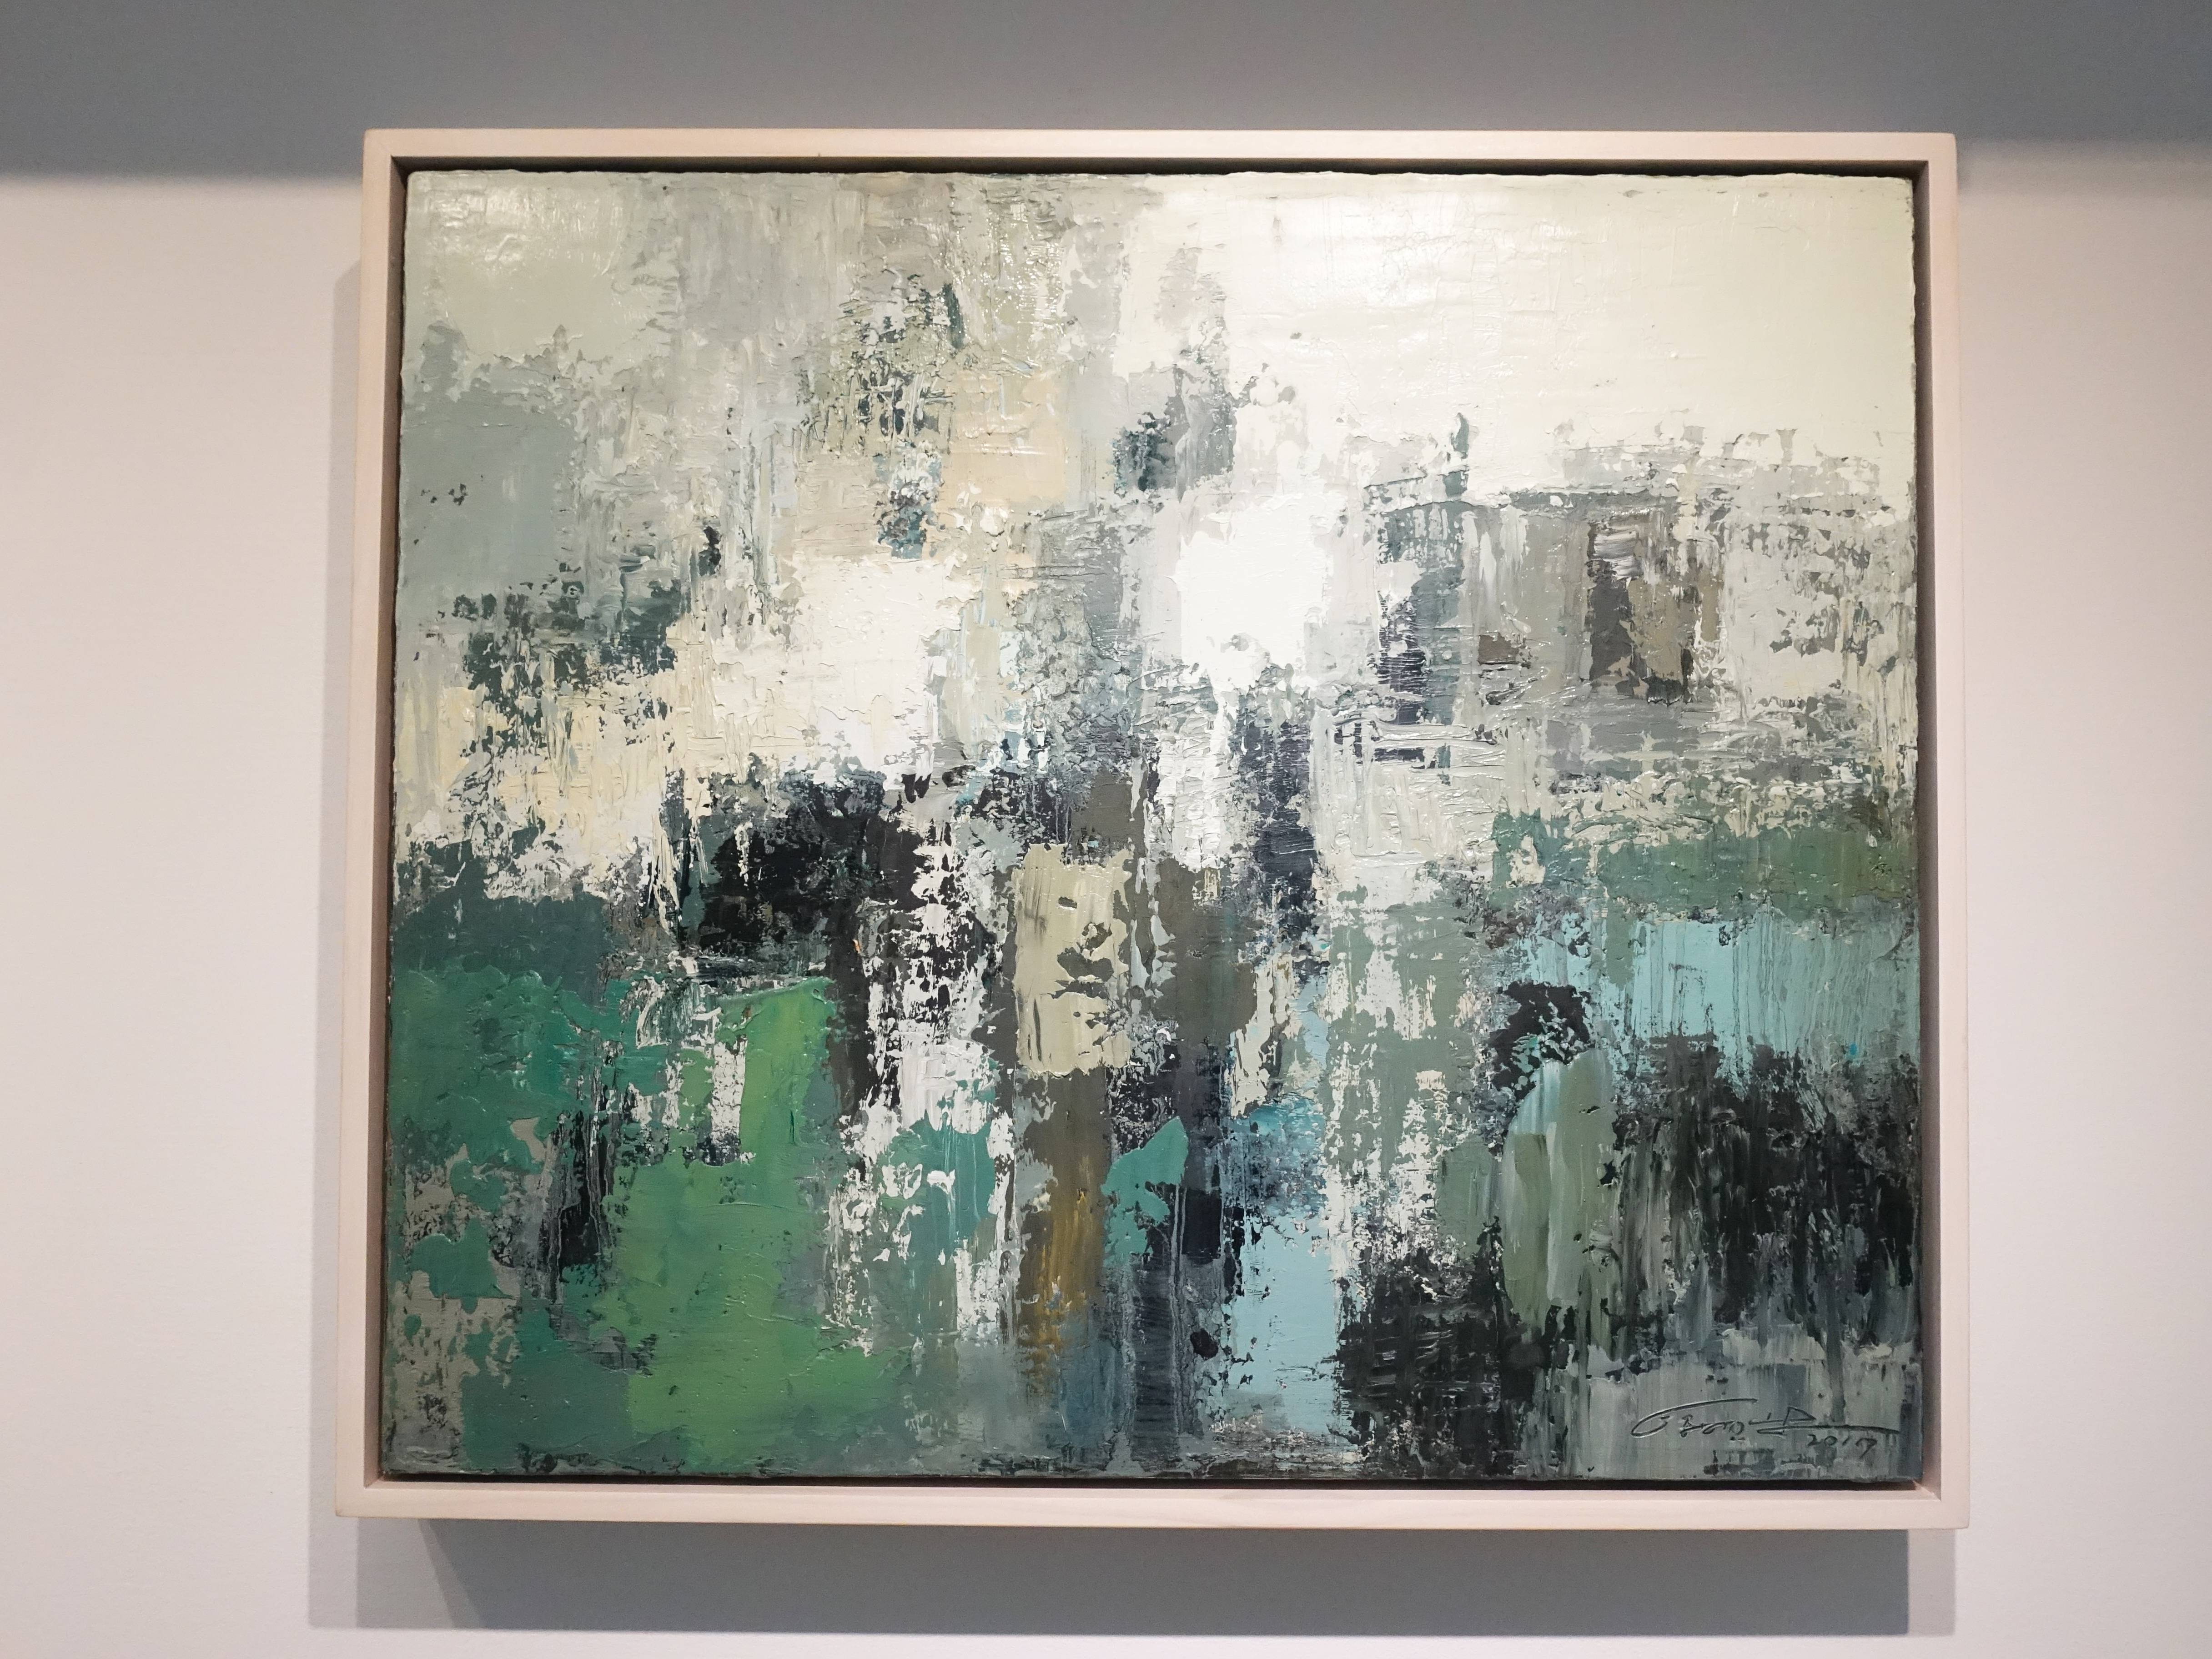 徐明豐,《記憶‧景像之六》,58 x 66 cm,複合媒材油畫,2017。